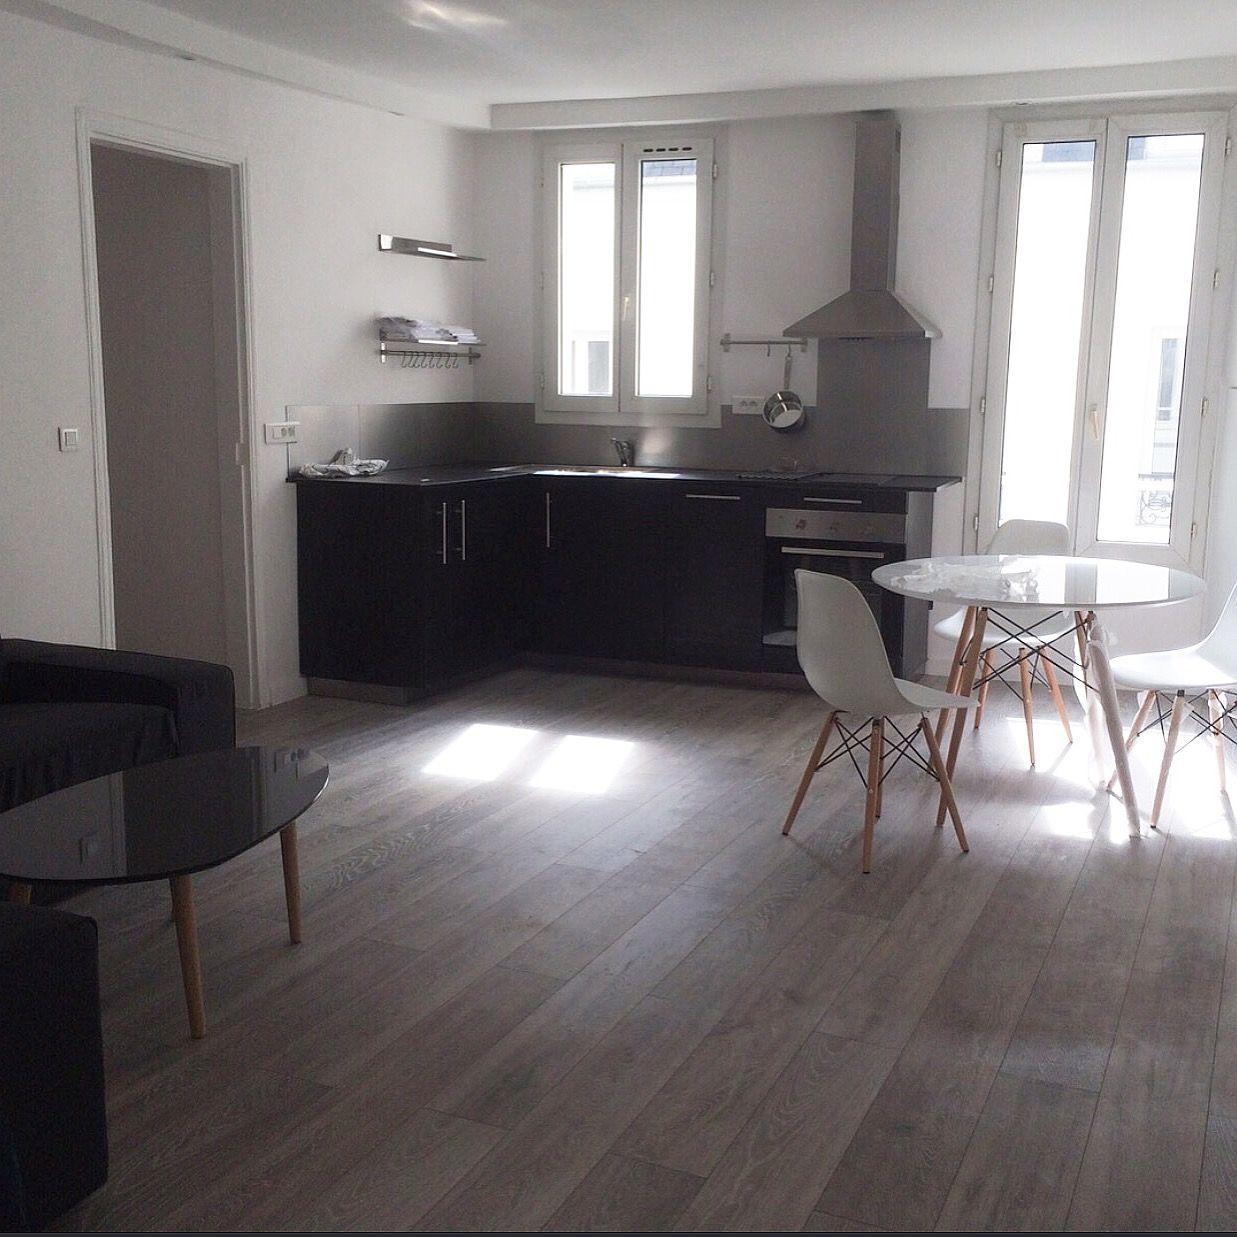 d coration cuisine ouverte moderne avec rev tement de sol stratifi effet parquet cuisine noir. Black Bedroom Furniture Sets. Home Design Ideas